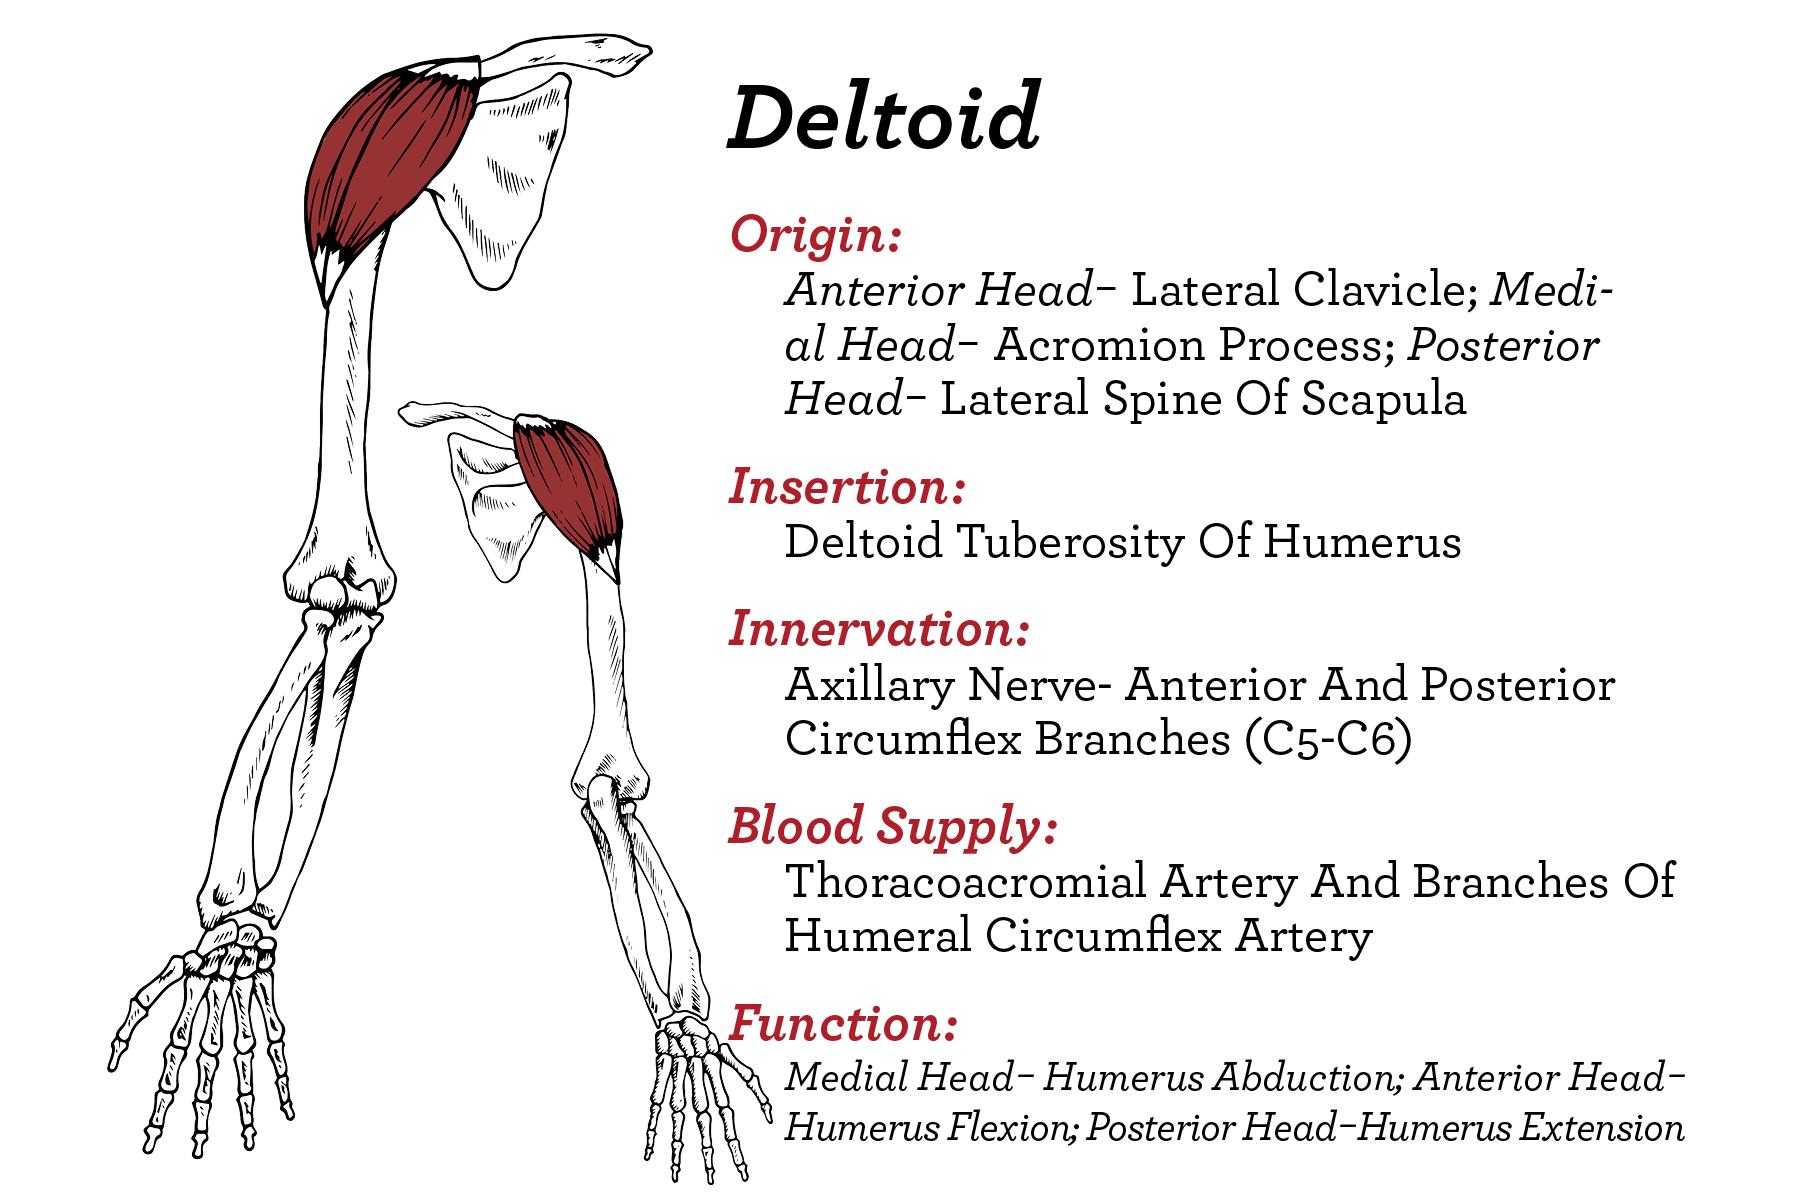 Shoulder- Deltoid